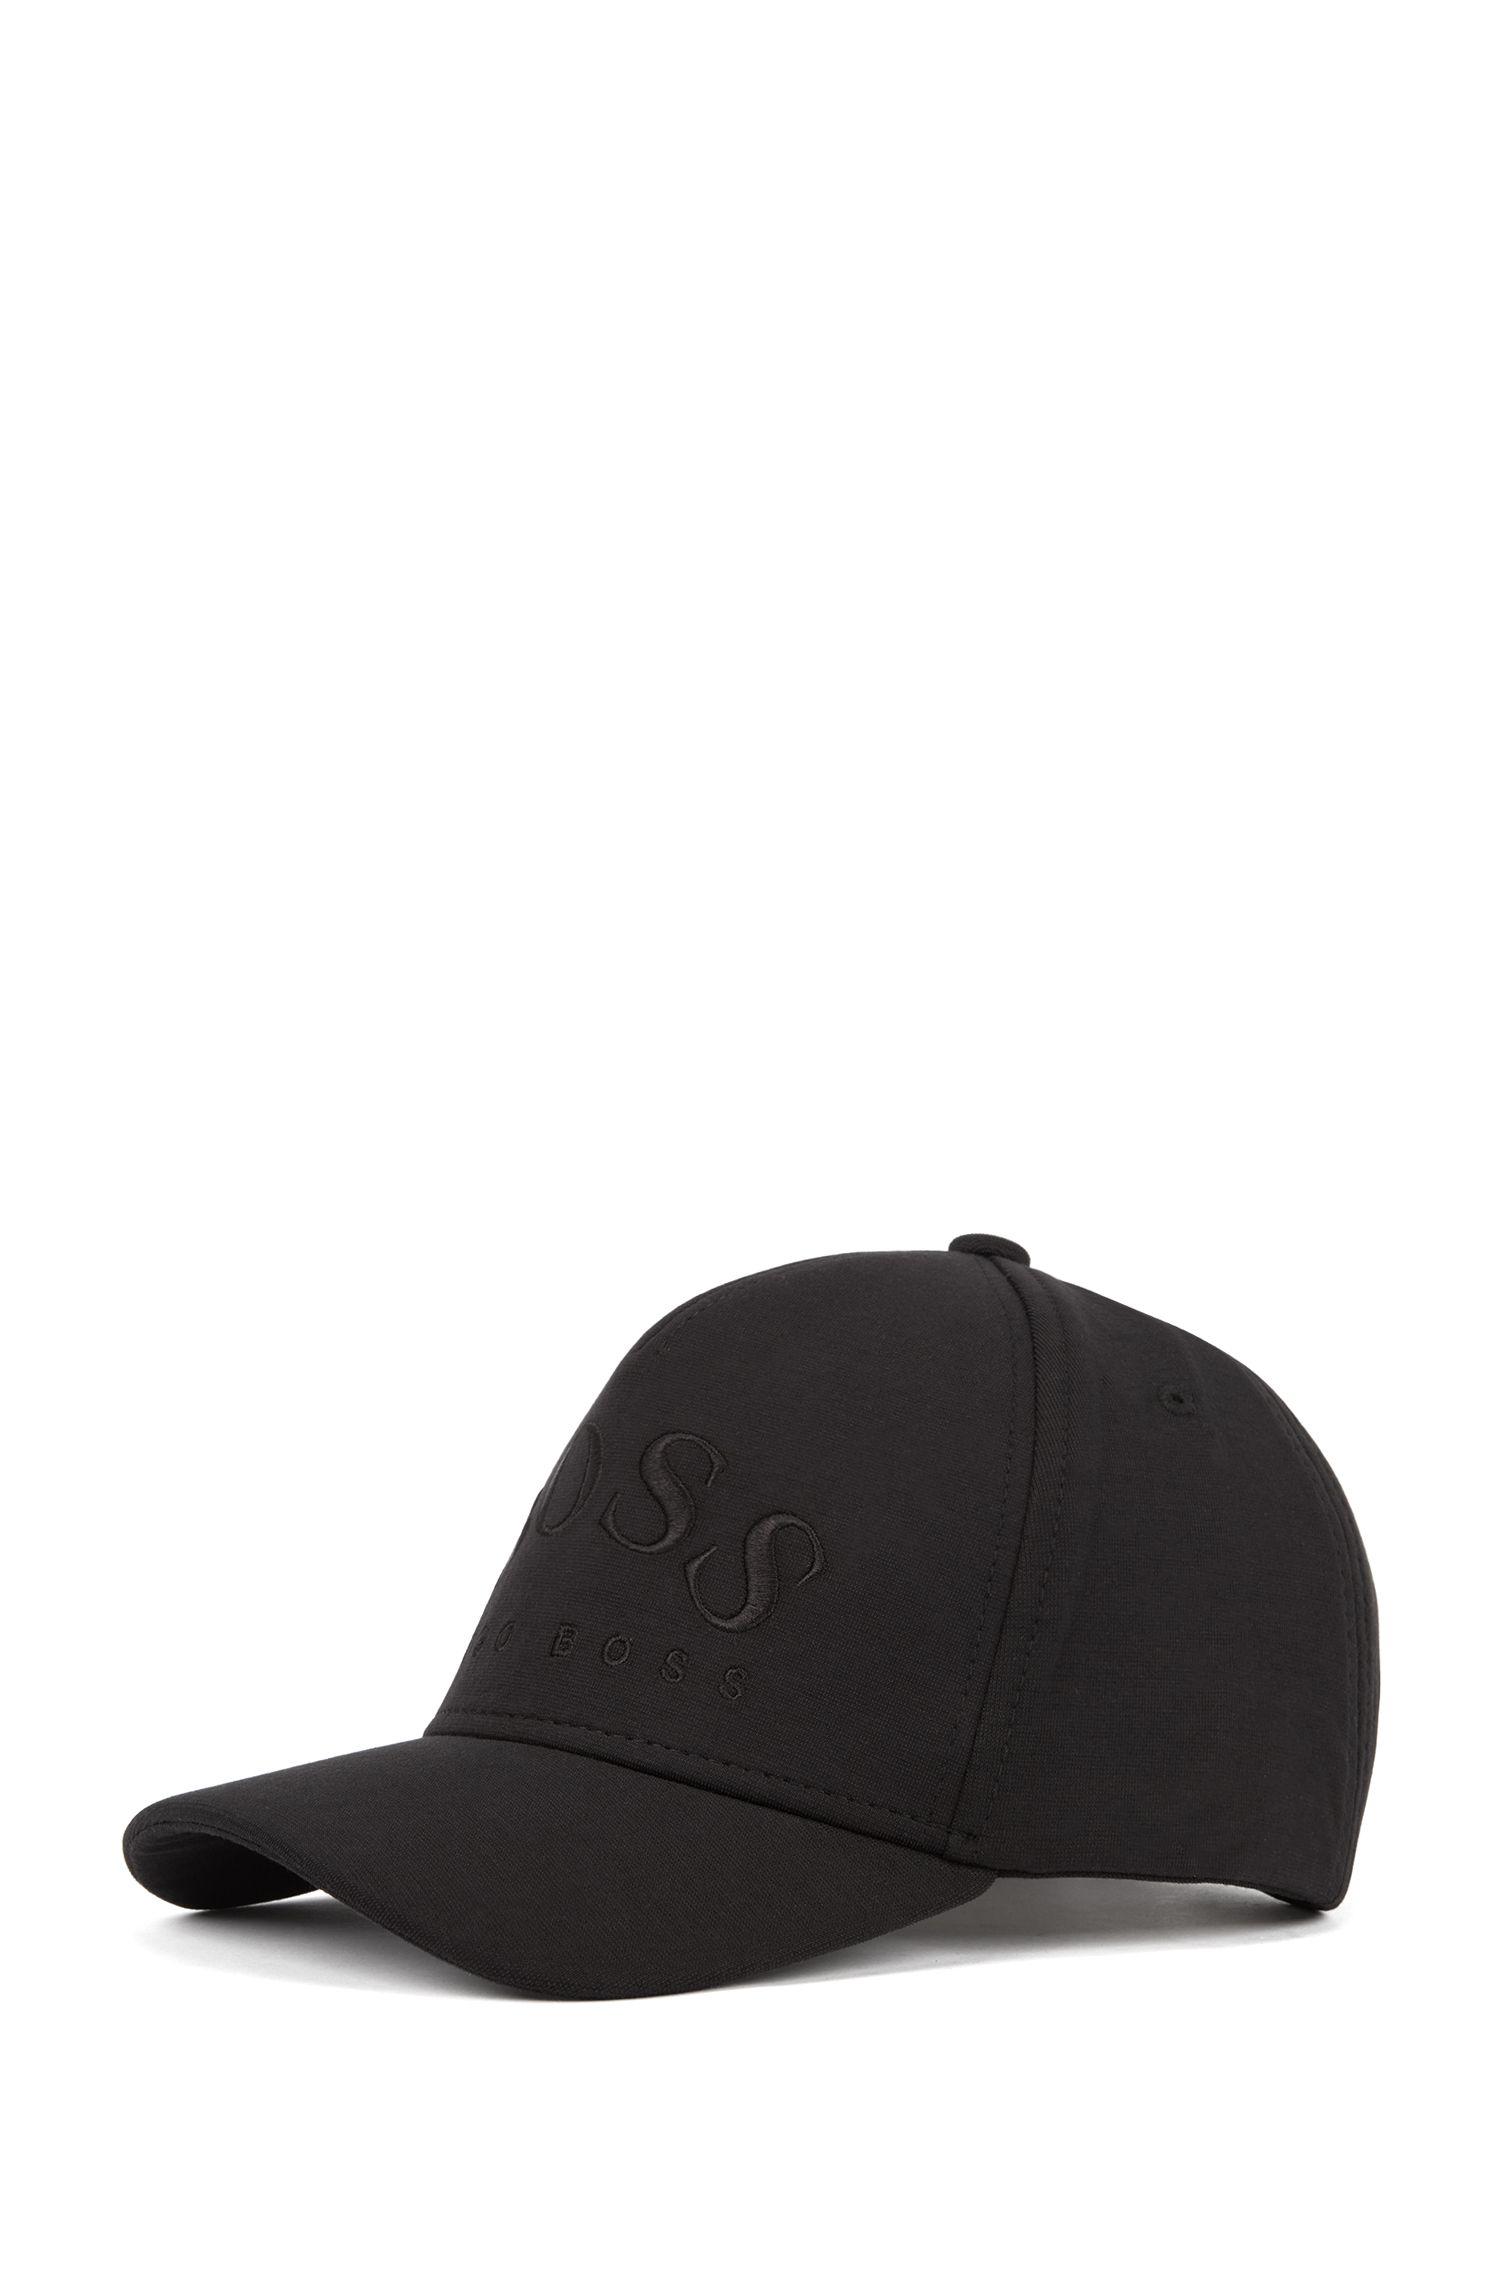 Cappellino leggero in jersey elasticizzato con logo arrotondato, Nero